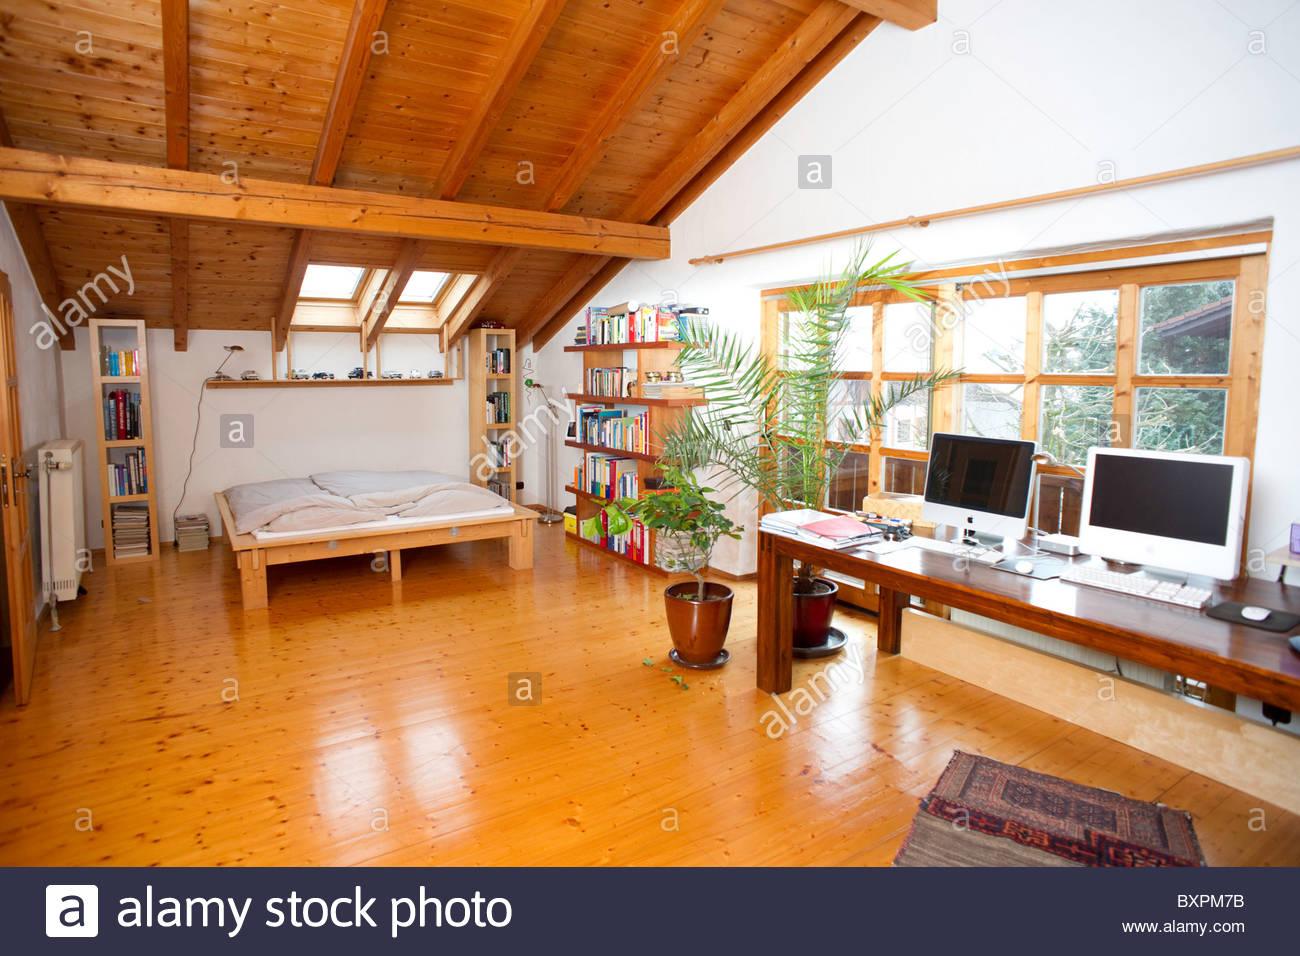 Casa Tipica De Baviera Alemania Meridional Salon Con Cama Y Piso